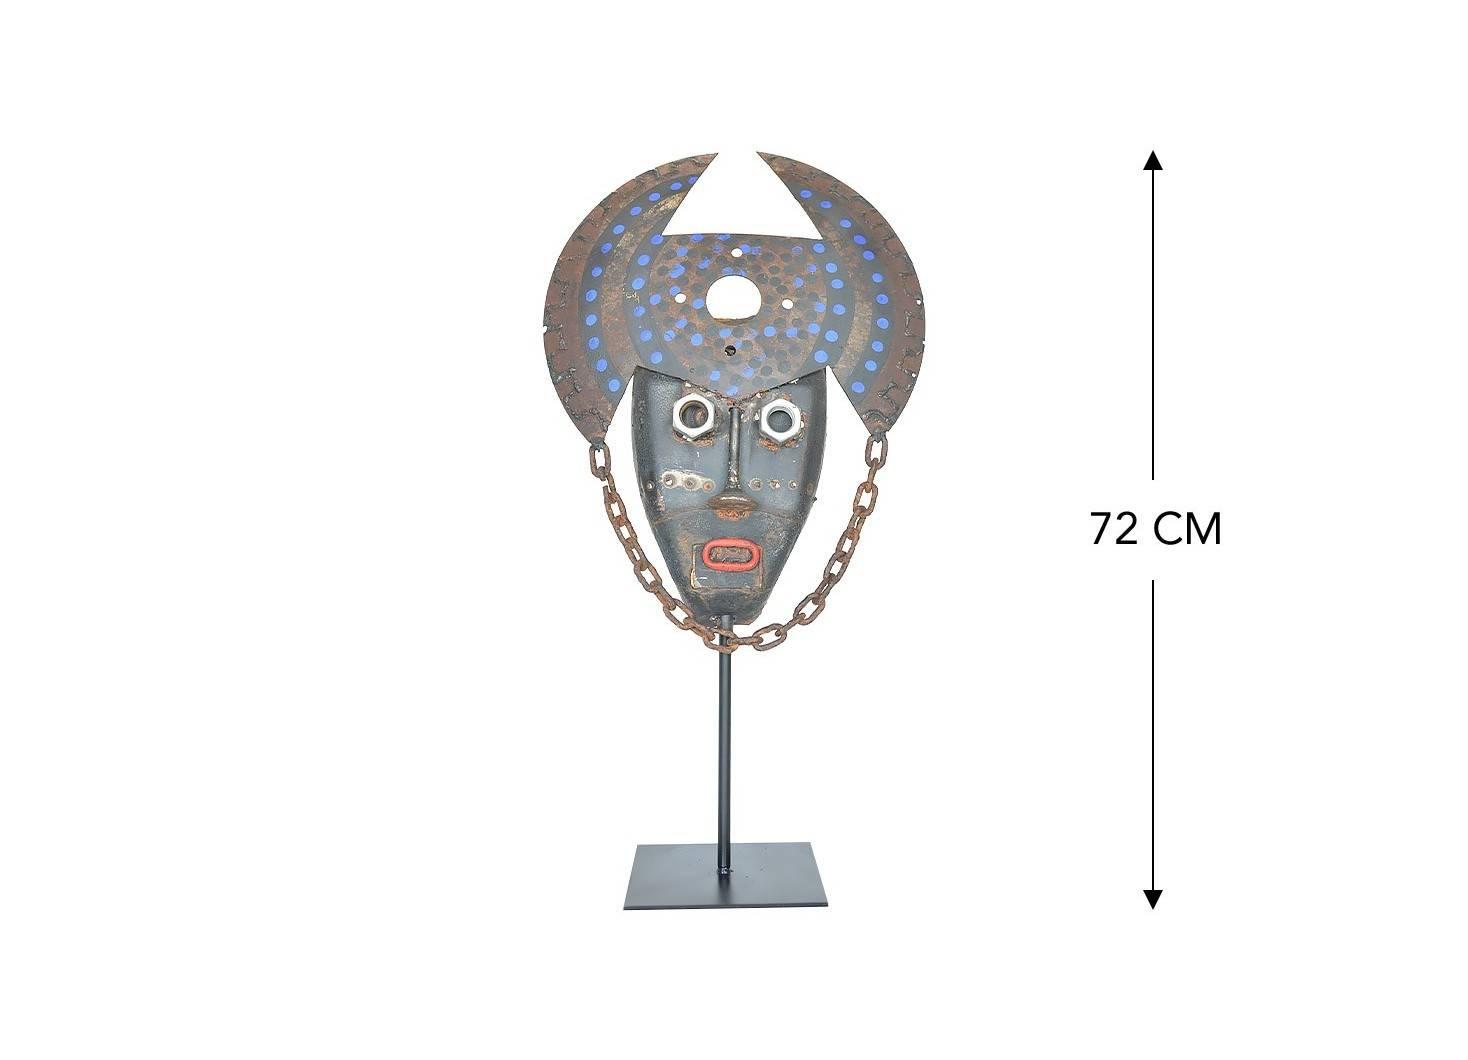 Masque décoratif en métal recyclé - L14